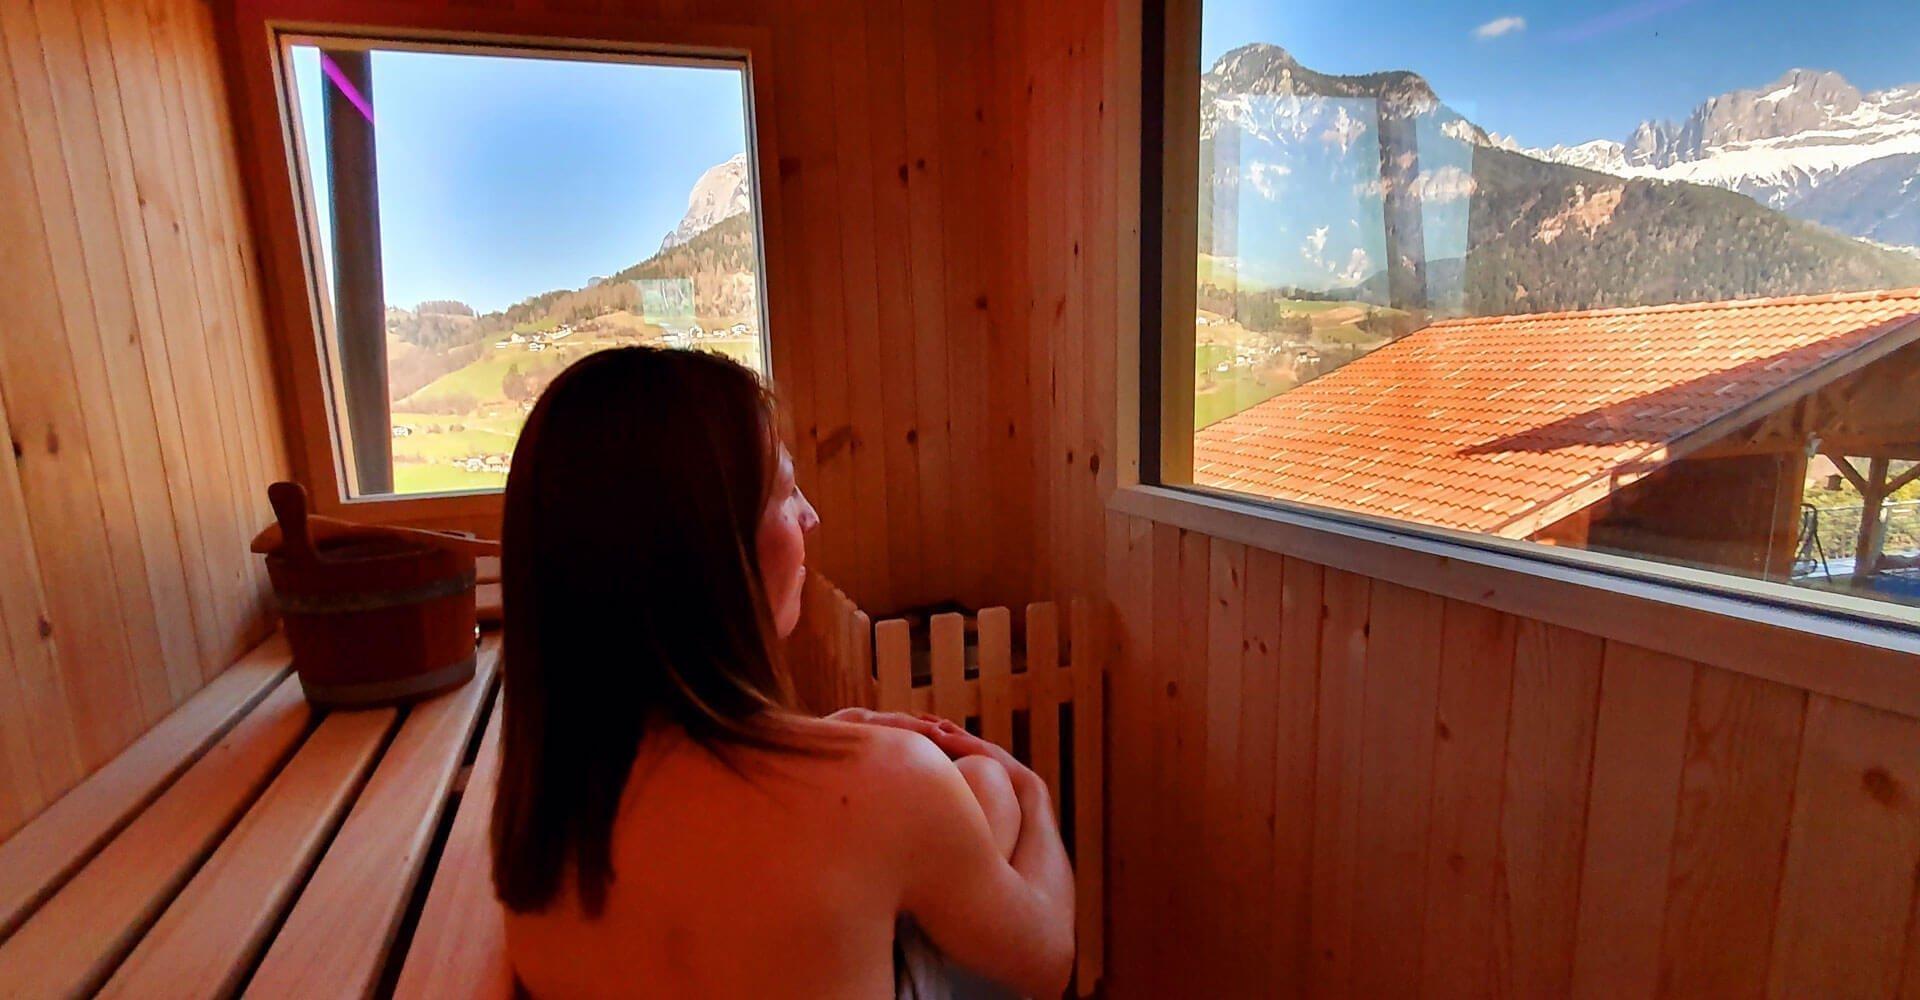 urlaub-auf-dem-bauernhof-mit-sauna-eggental